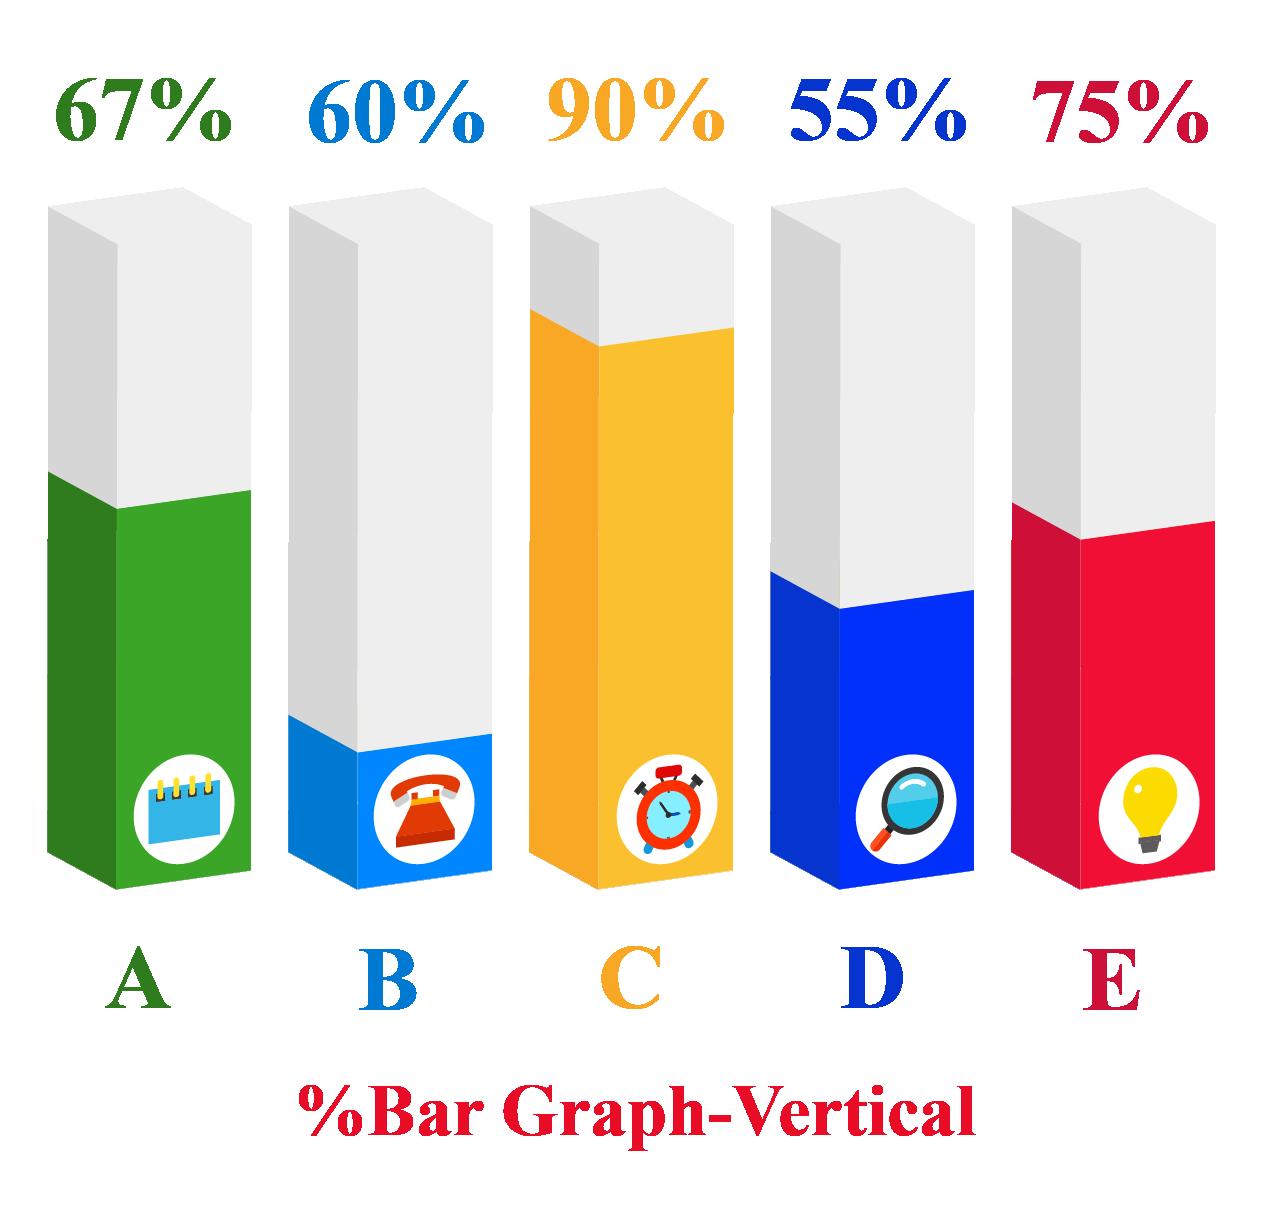 % bar graph vertical